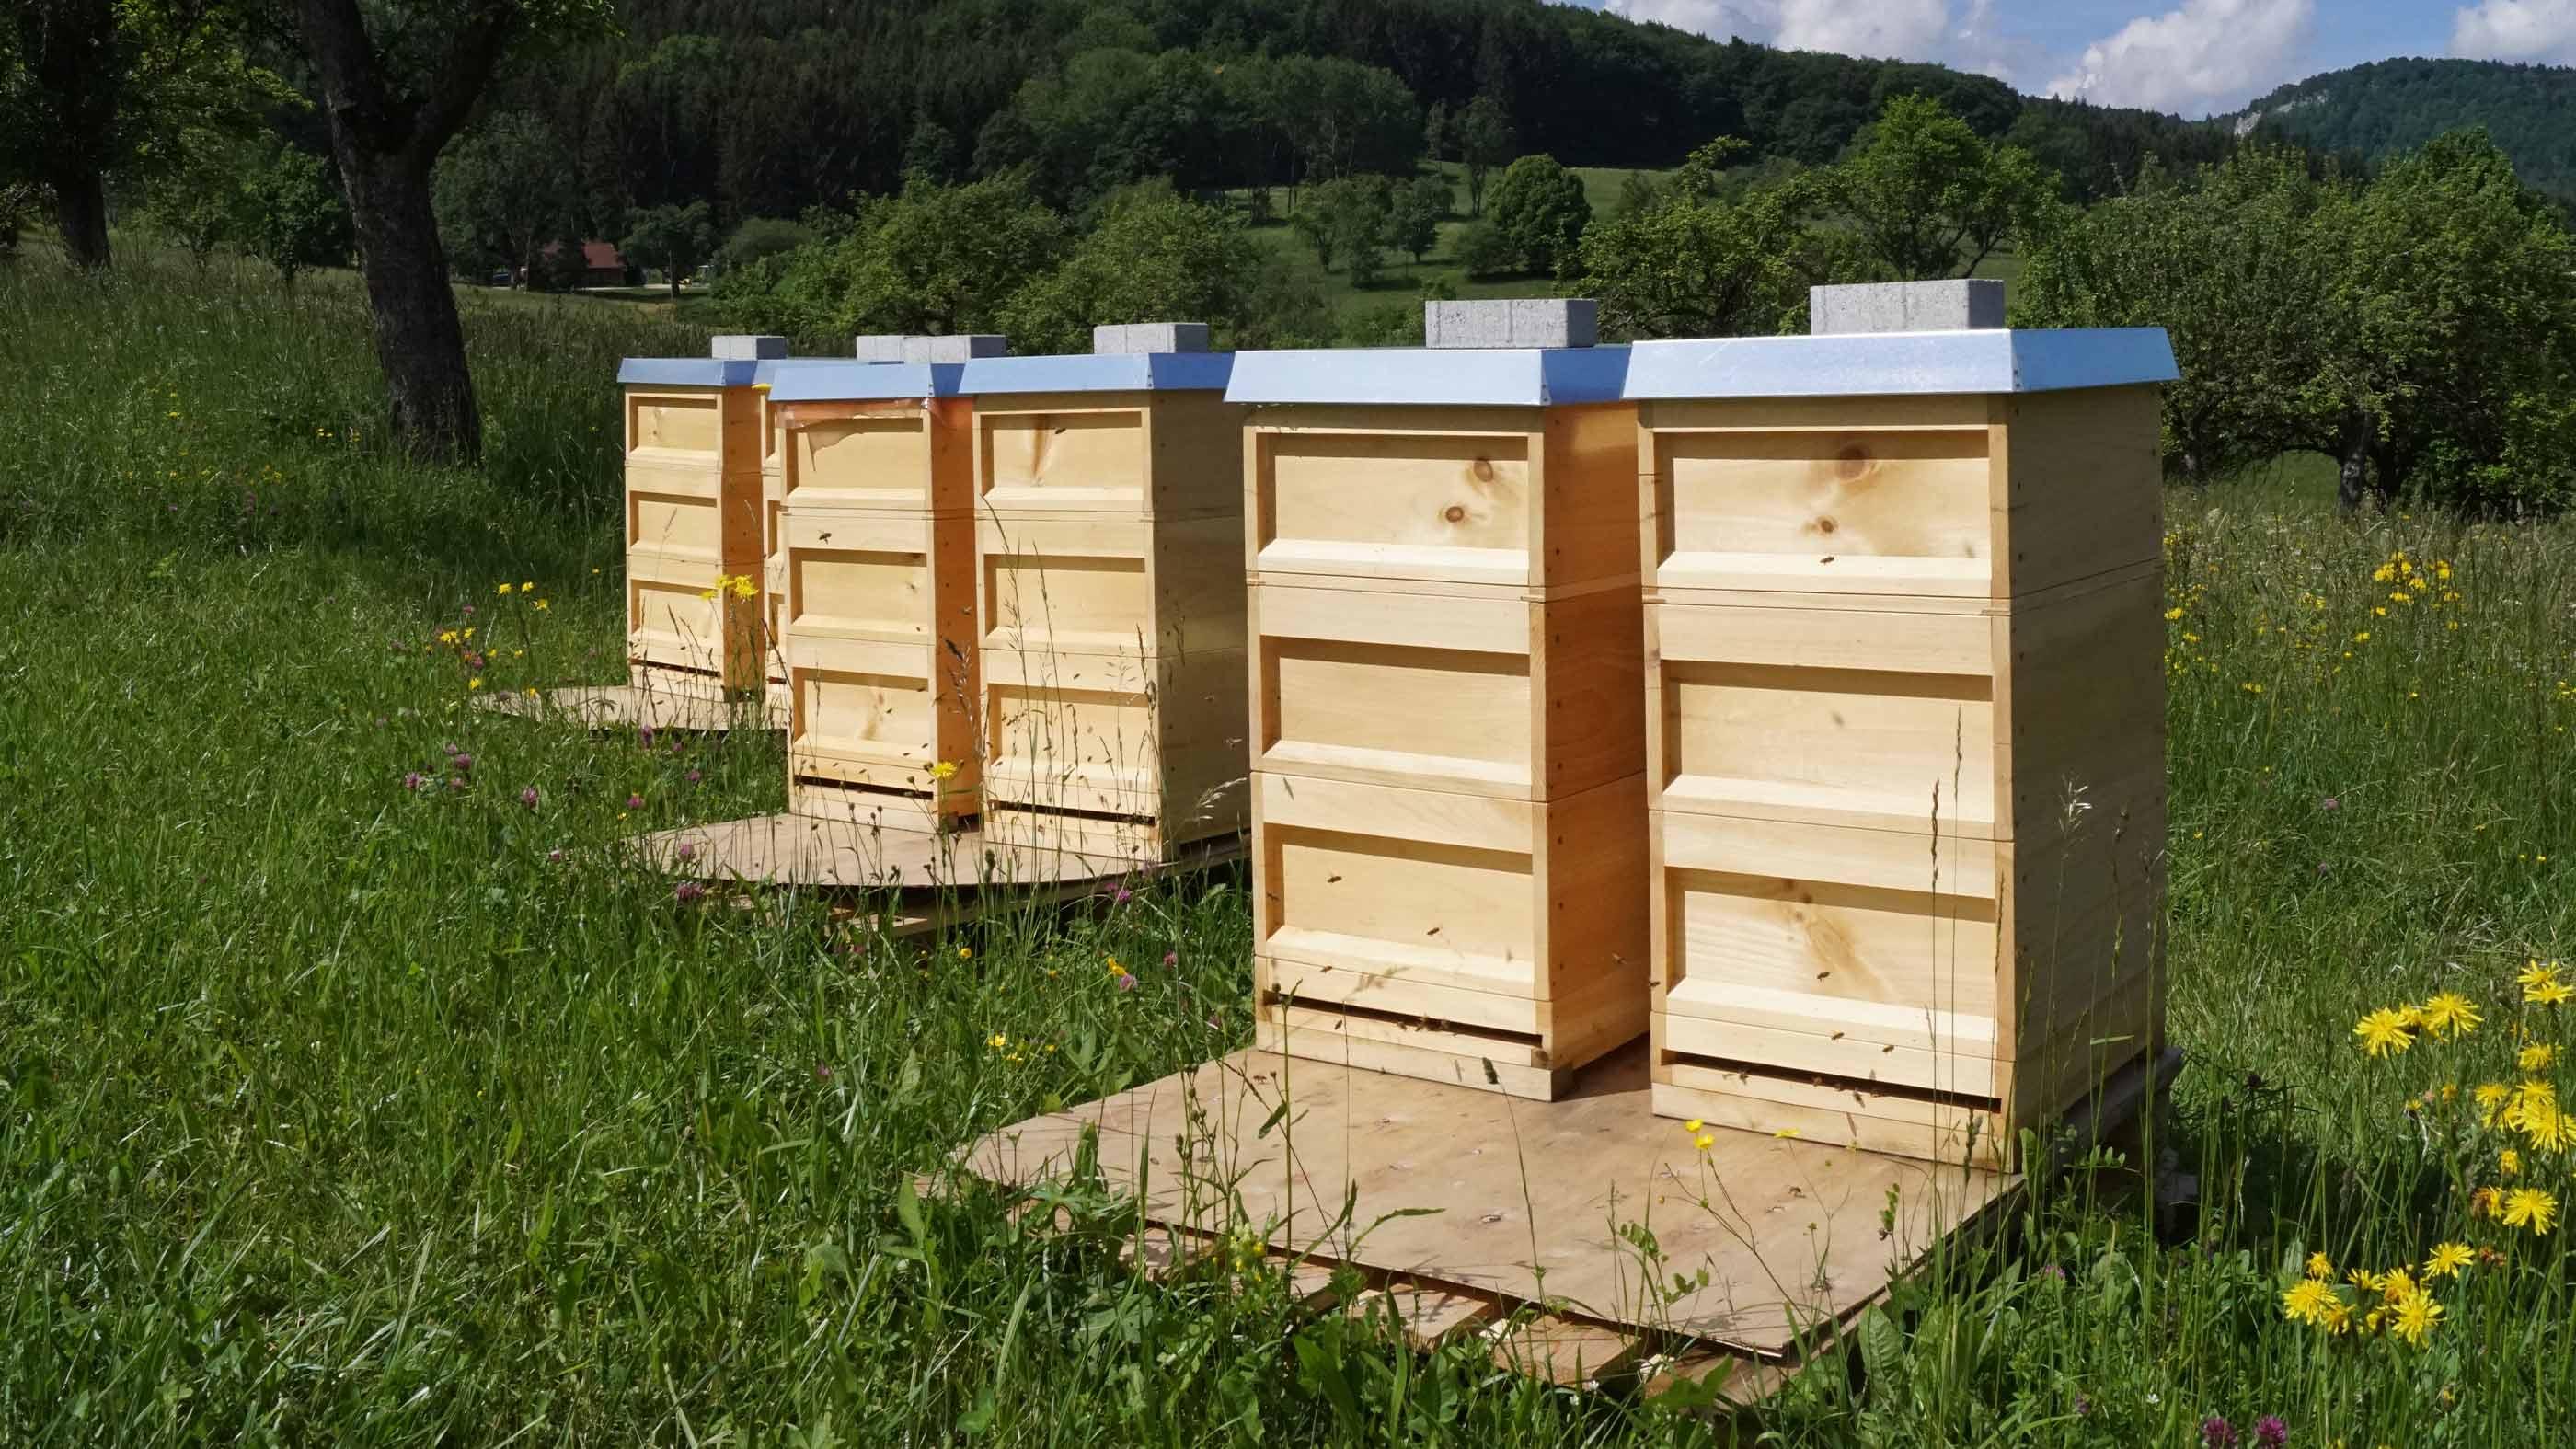 Die sechs Bienenstöcke von mey sind paarweise auf der Wiese in Lautlingen, Deutschland aufgereiht | mey®